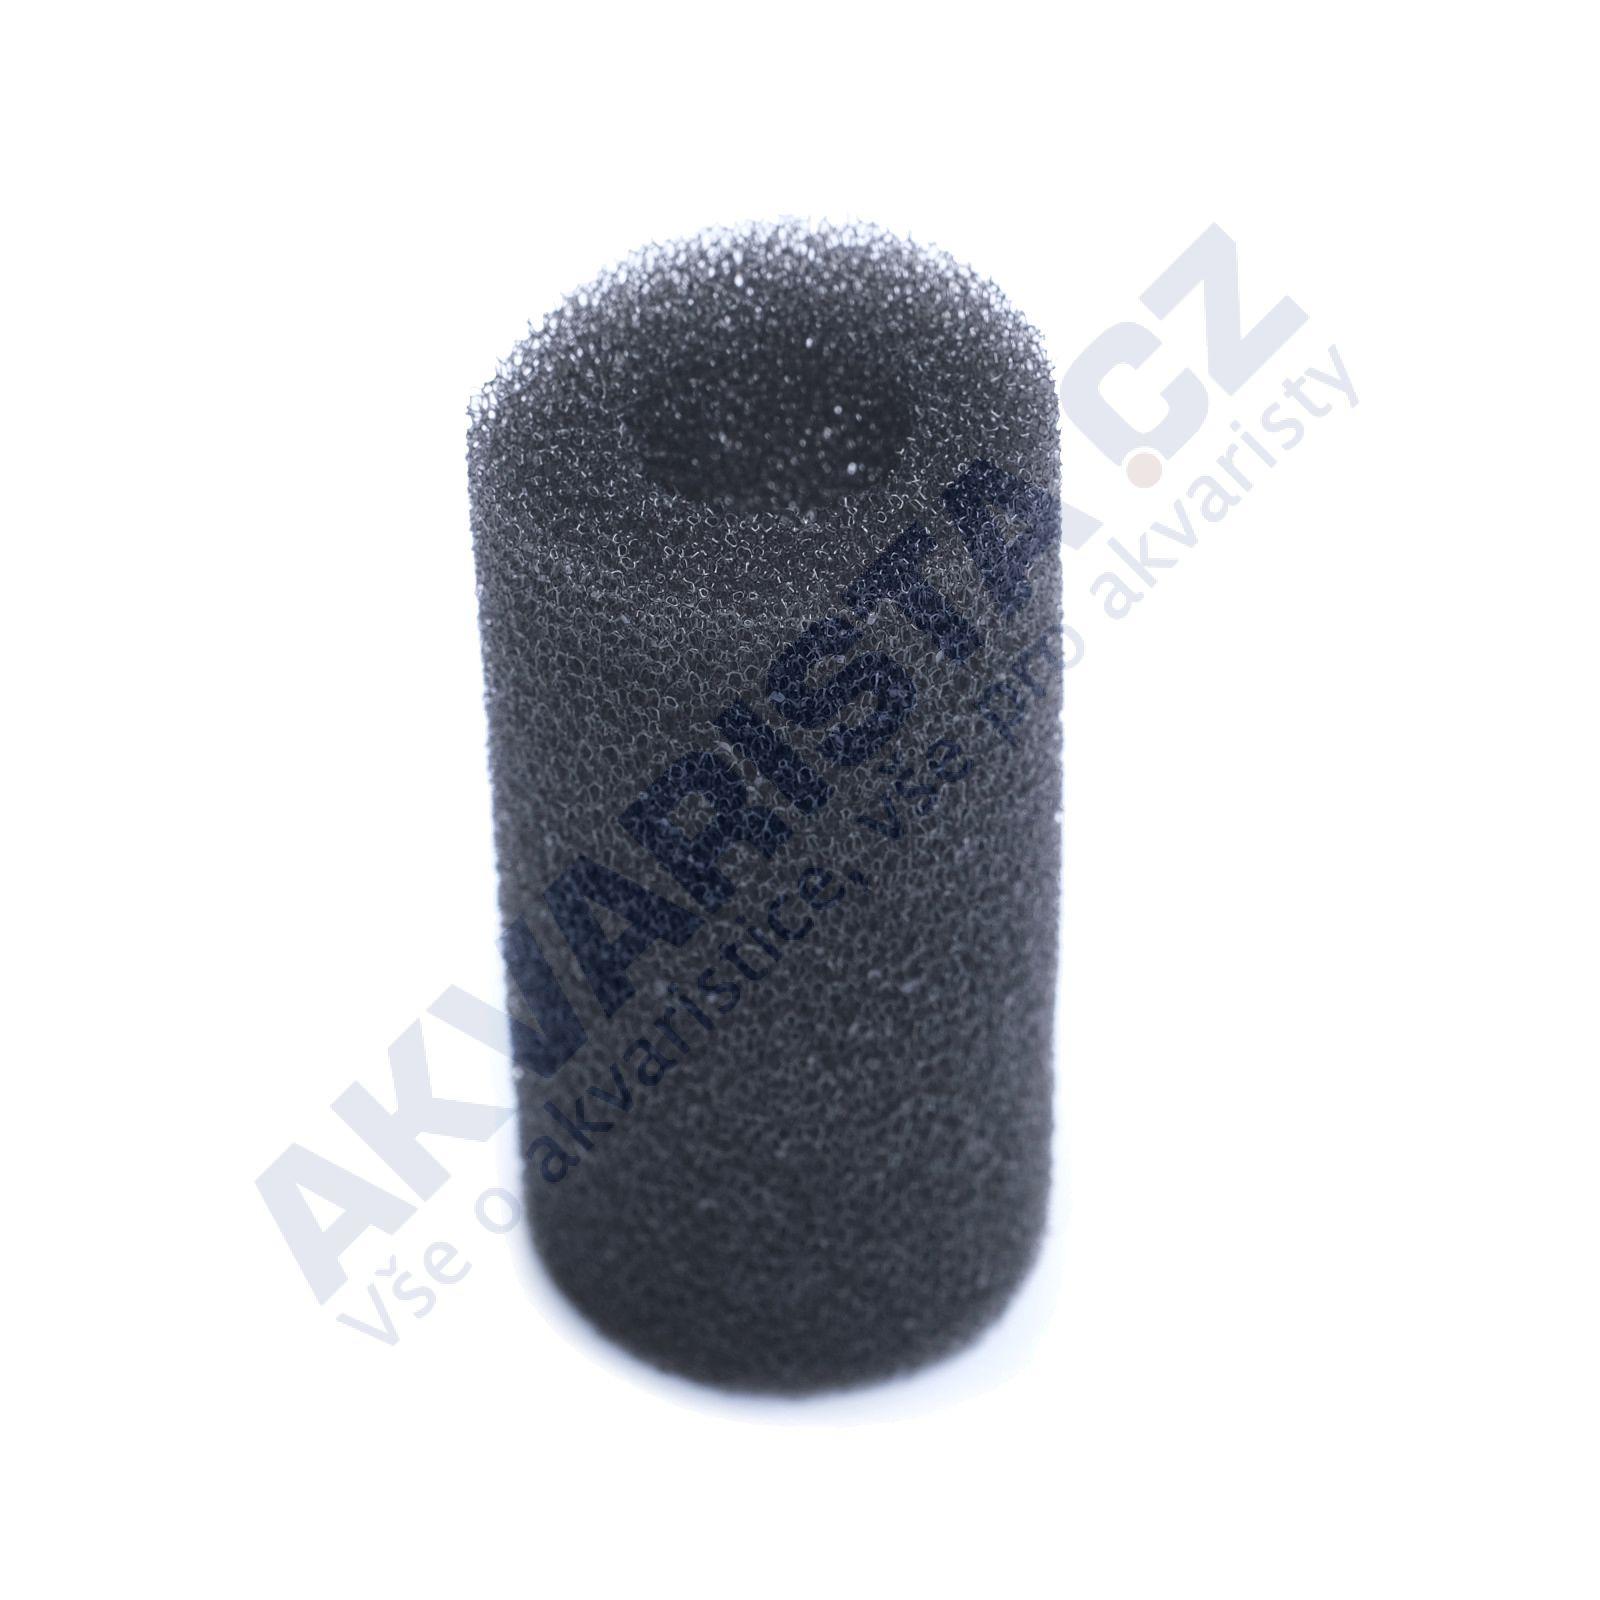 AKVARISTA.cz Předfiltrační černý biomolitan na sání filtru nebo čerpadla, malý (6cm) s velkou dírou